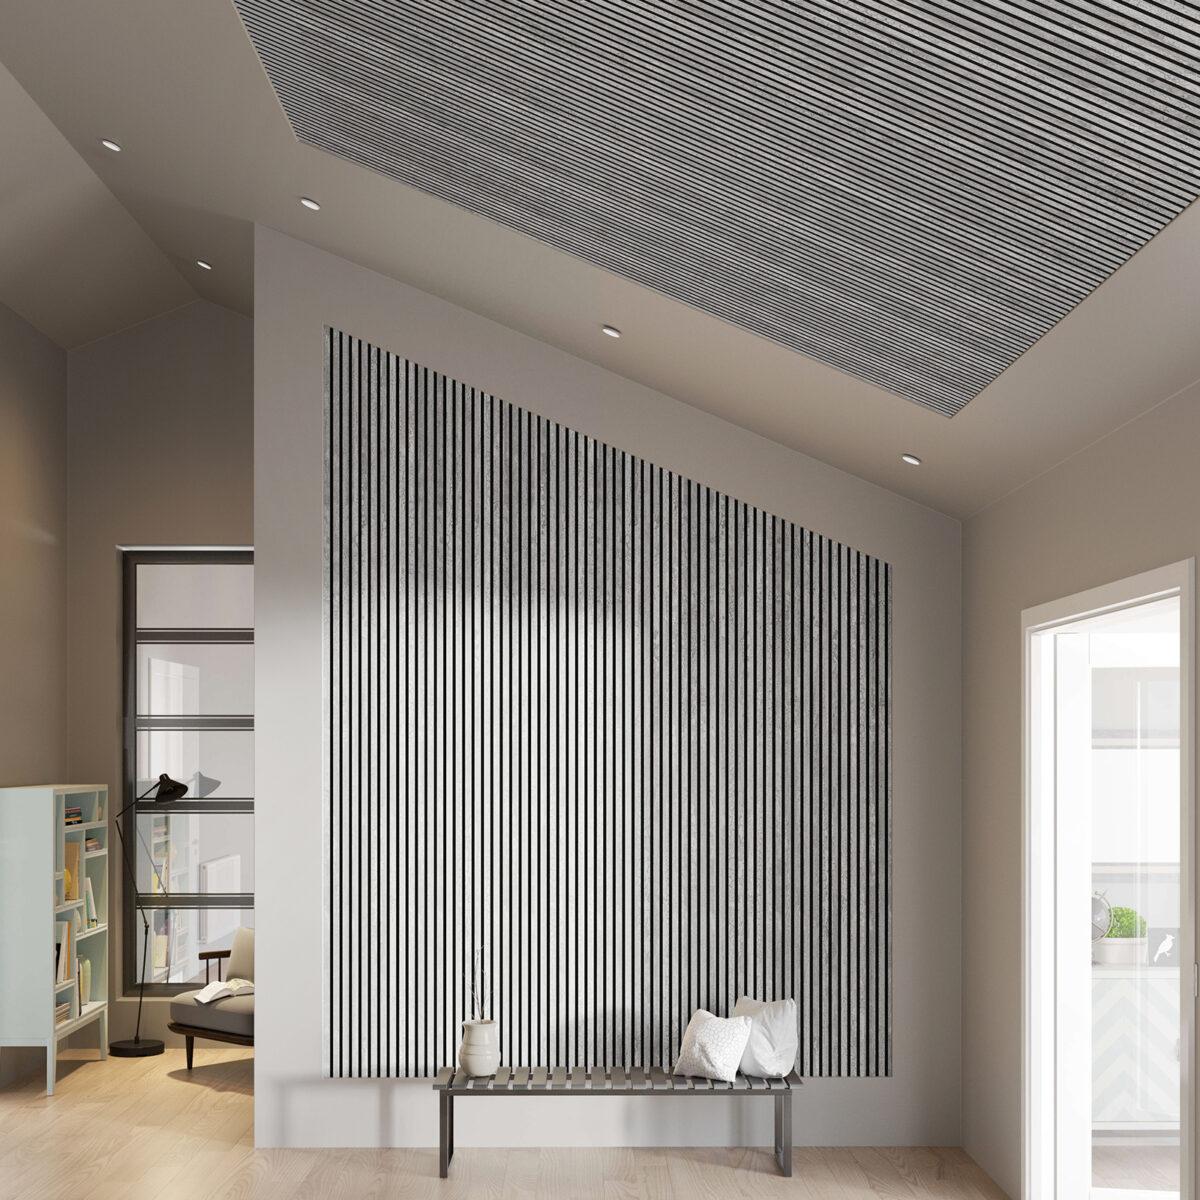 vegg-tak-eller-begge-steder-gi-rommet-et-loft-med-vare-nye-rustikke-spilepaneler-i-oxidert-hvit-panelene-hjelper-pa-akustikken-i-rommet